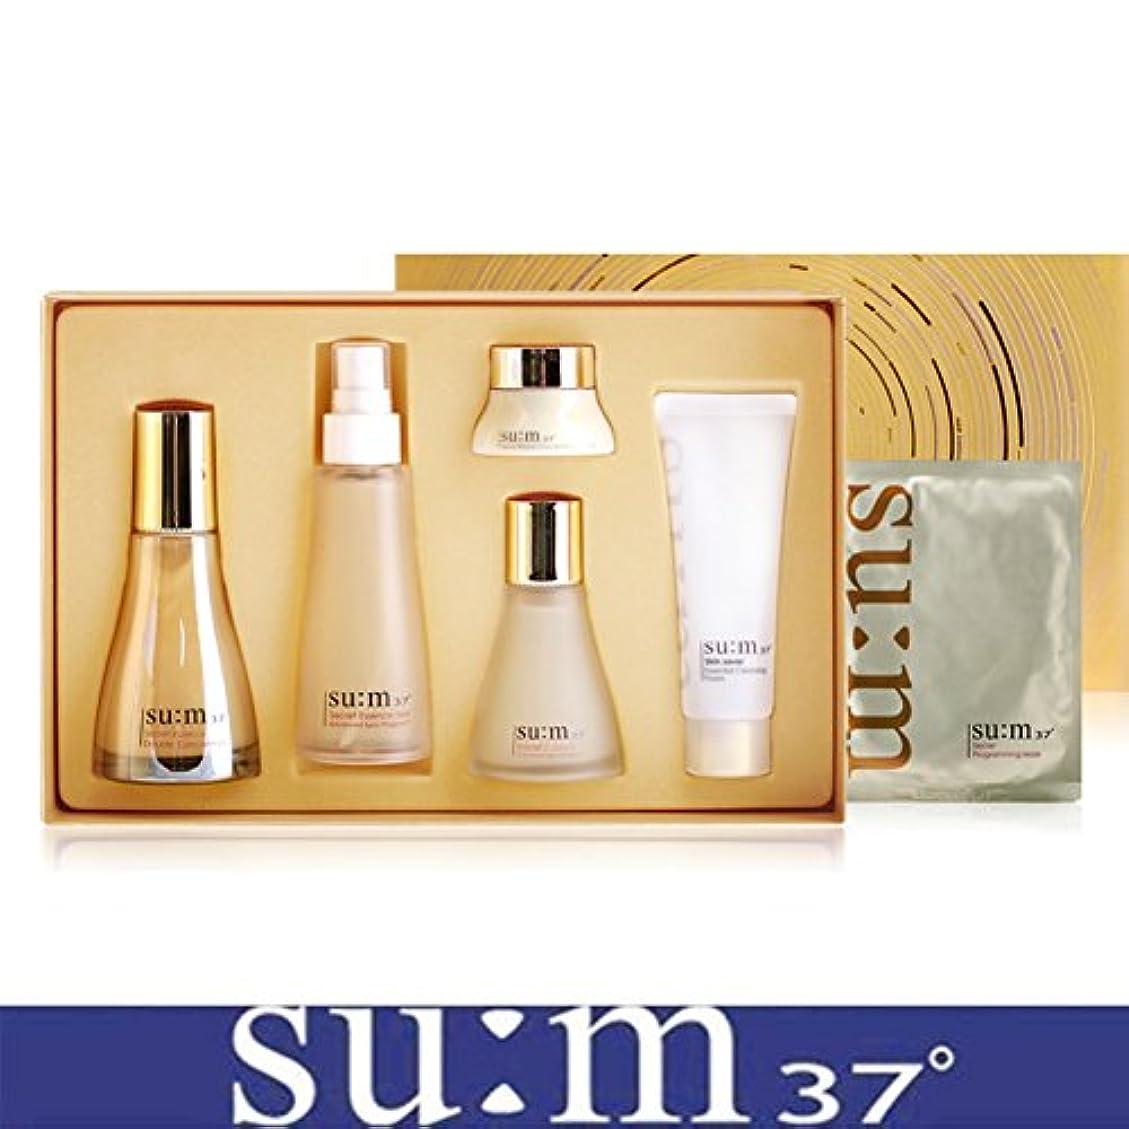 ステープル十年盗賊[su:m37/スム37°] SUM37 Secret Essence SPECIAL 100ml Limited Edition/シークレットエッセンススペシャルリミテッドエディション+[Sample Gift](海外直送品)